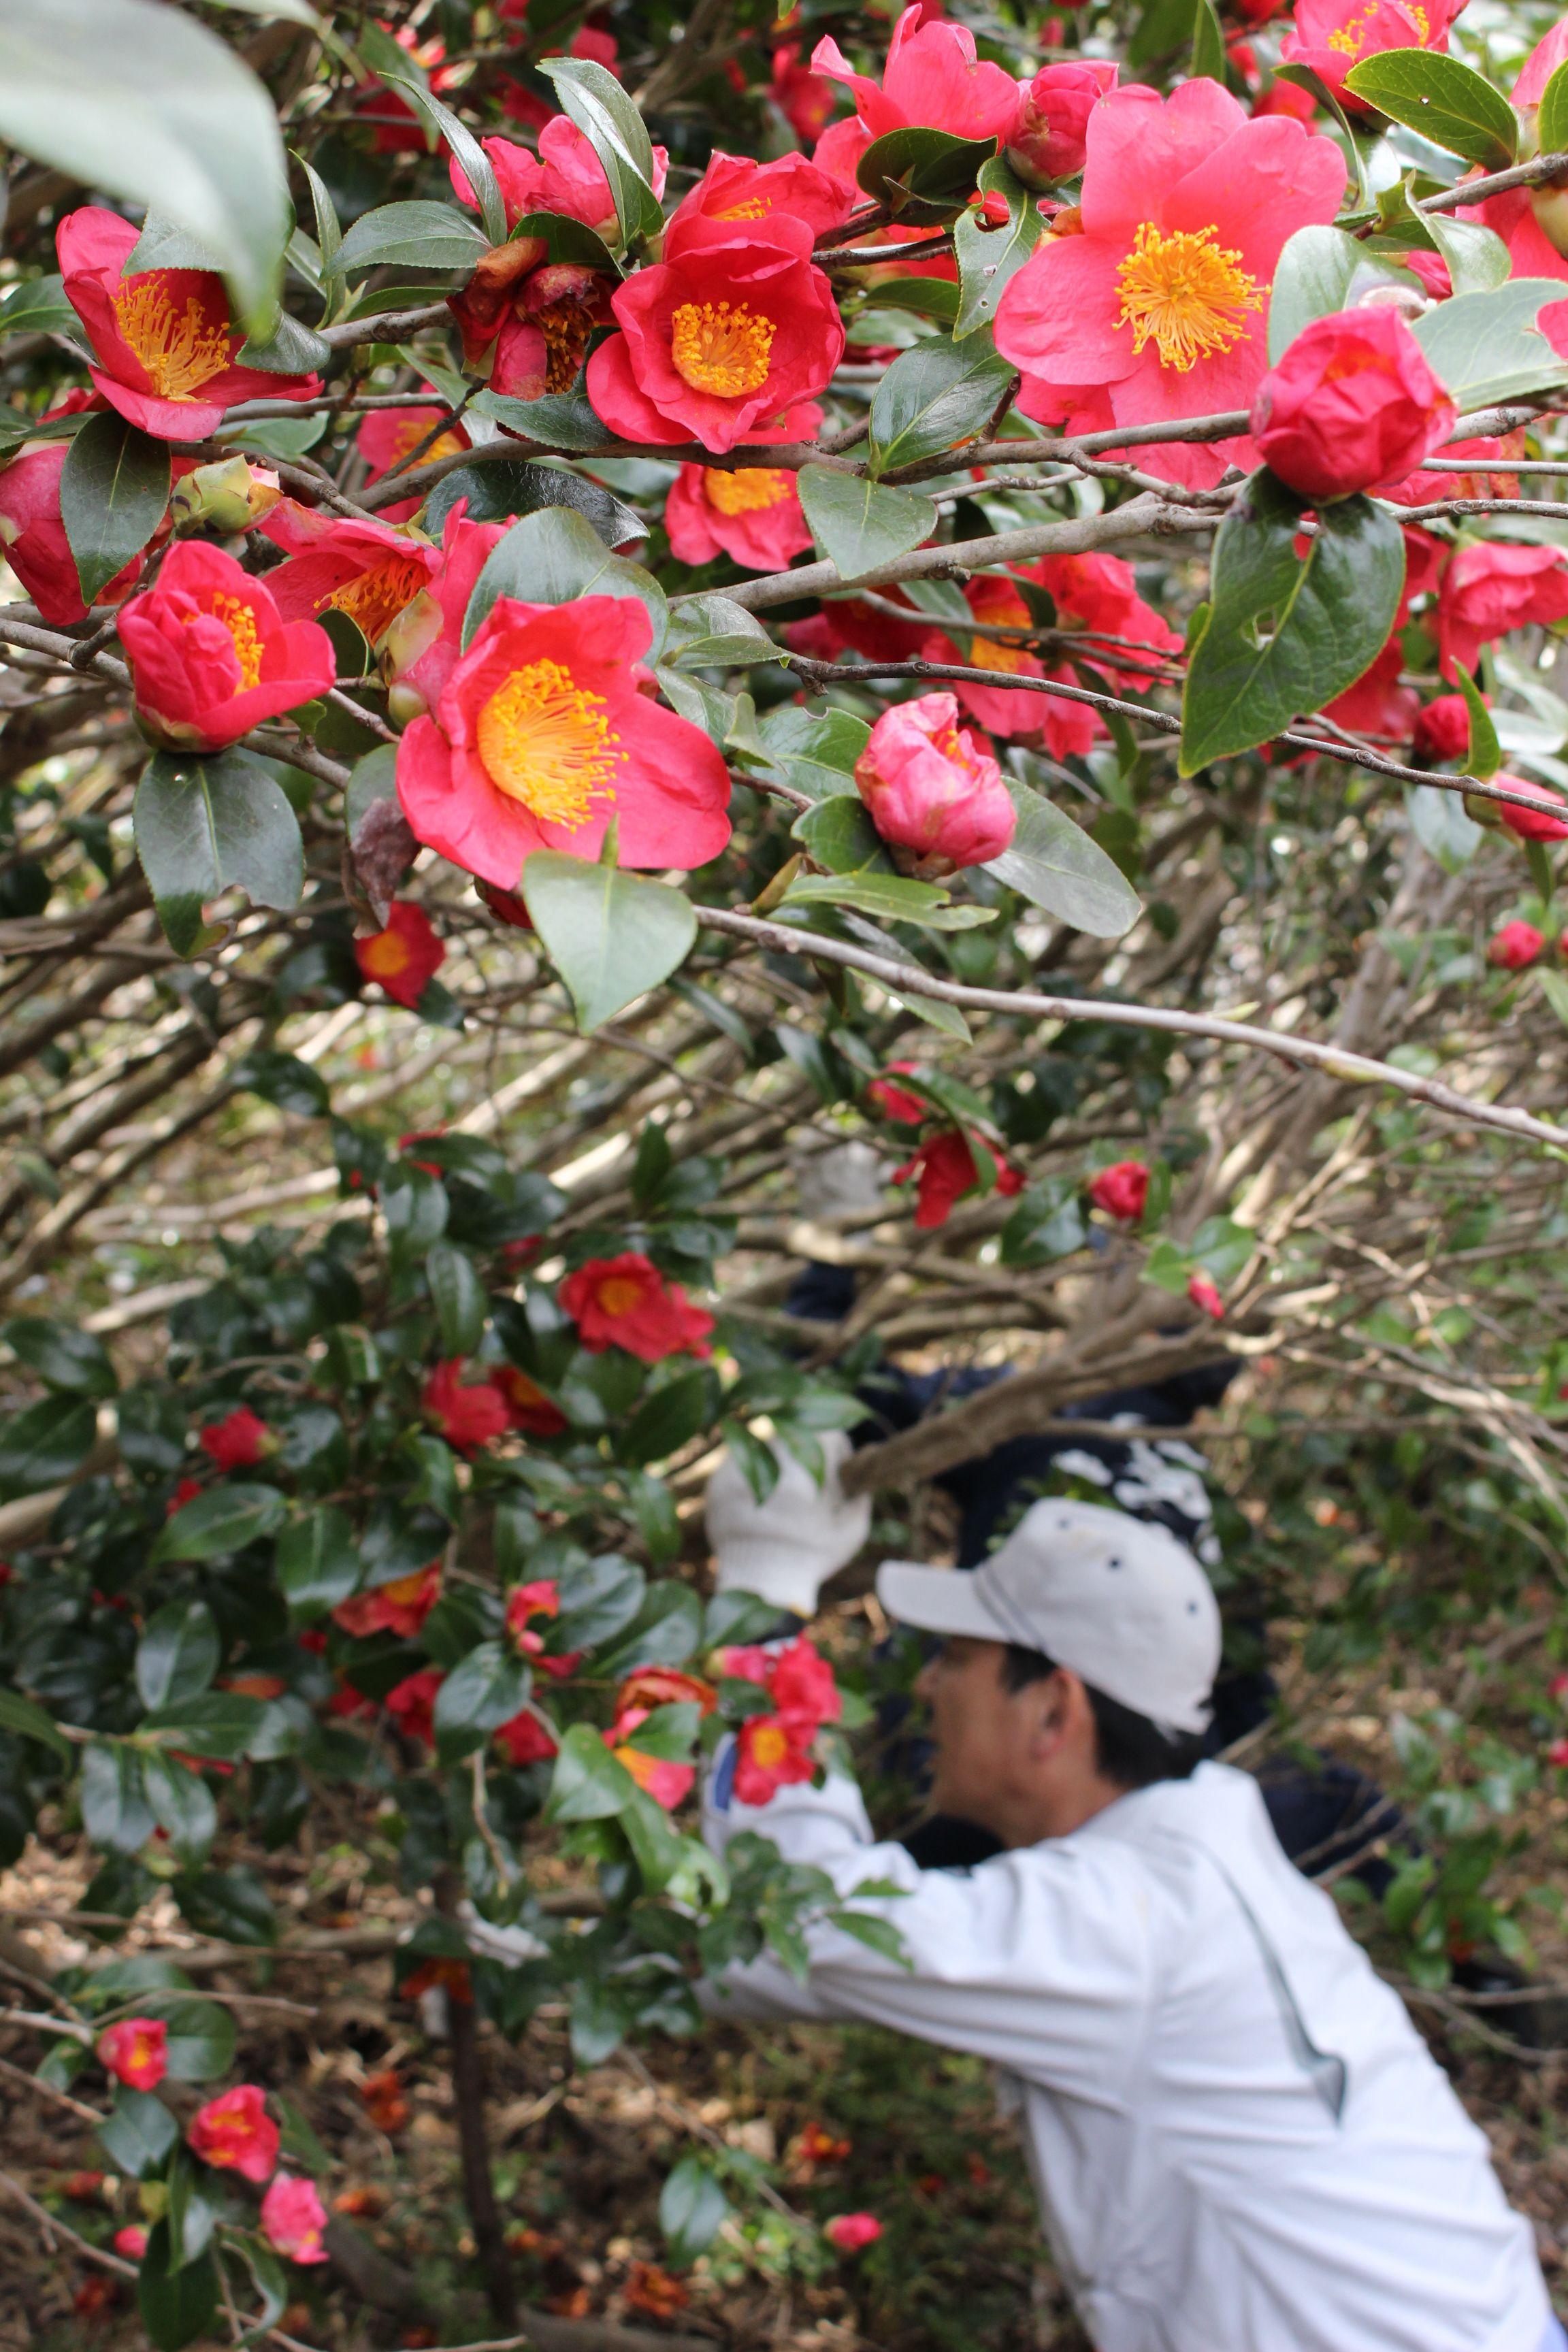 雪椿の原種が咲き誇る角神雪椿園=13日、阿賀町鹿瀬